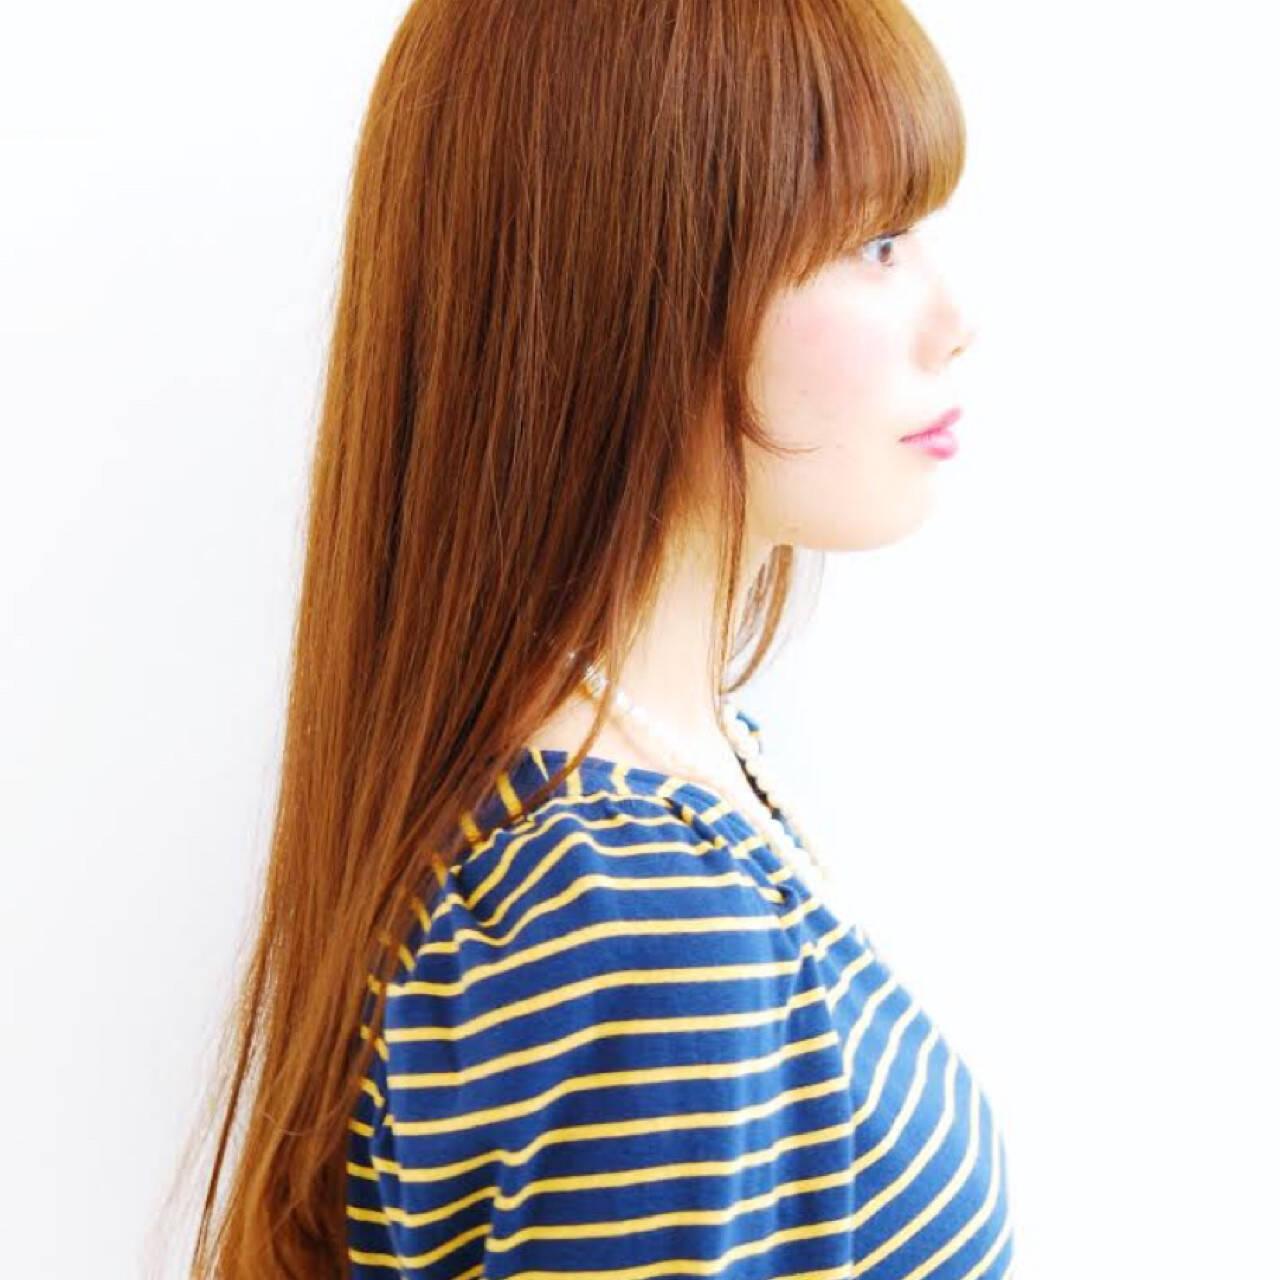 ナチュラル ブラウン レッド 大人かわいいヘアスタイルや髪型の写真・画像